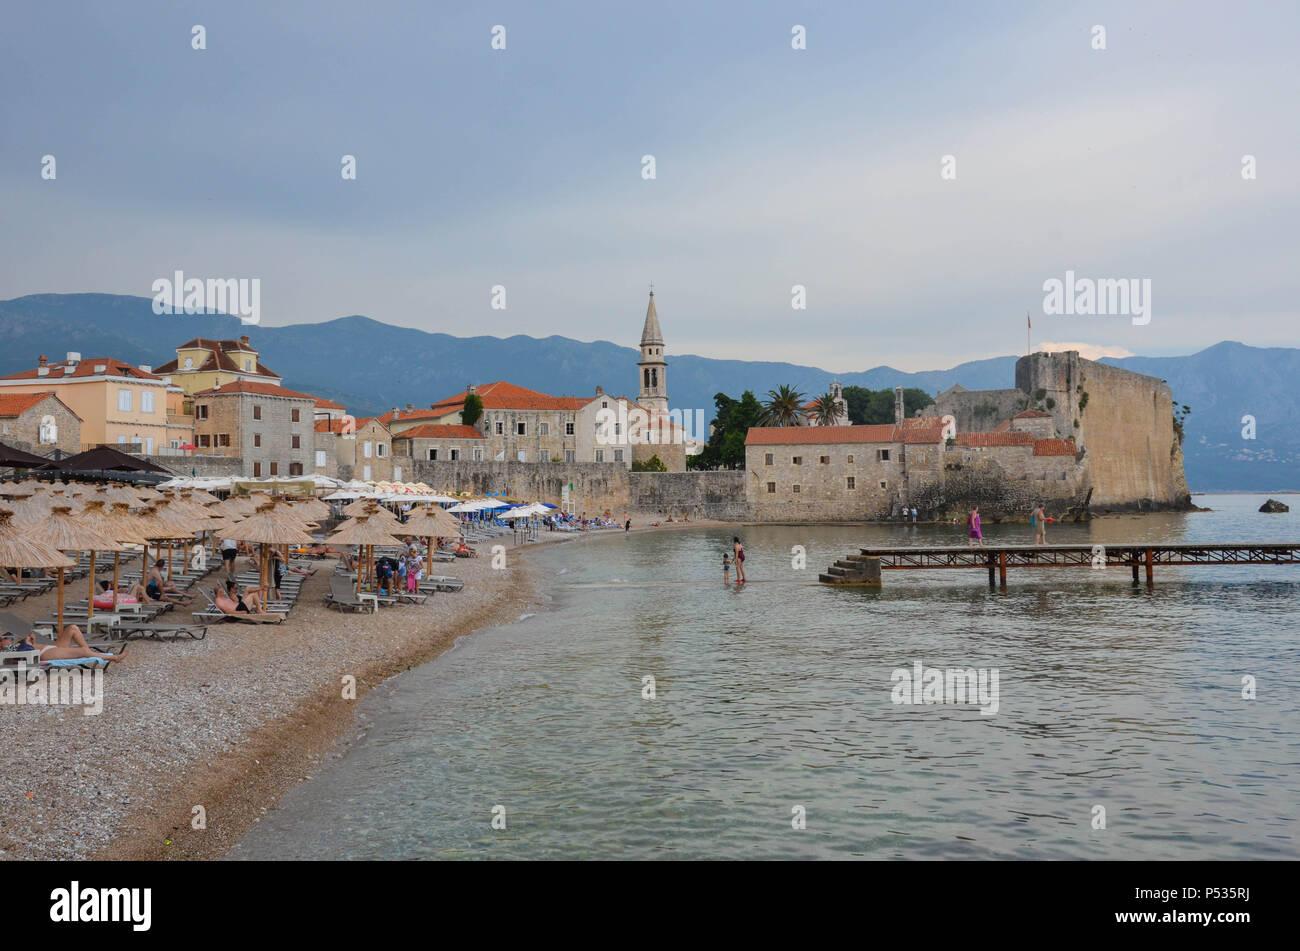 Vieille ville (Stari Grad), Budva, Monténégro, Côte Adriatique, Balkans, mai 2018 Banque D'Images